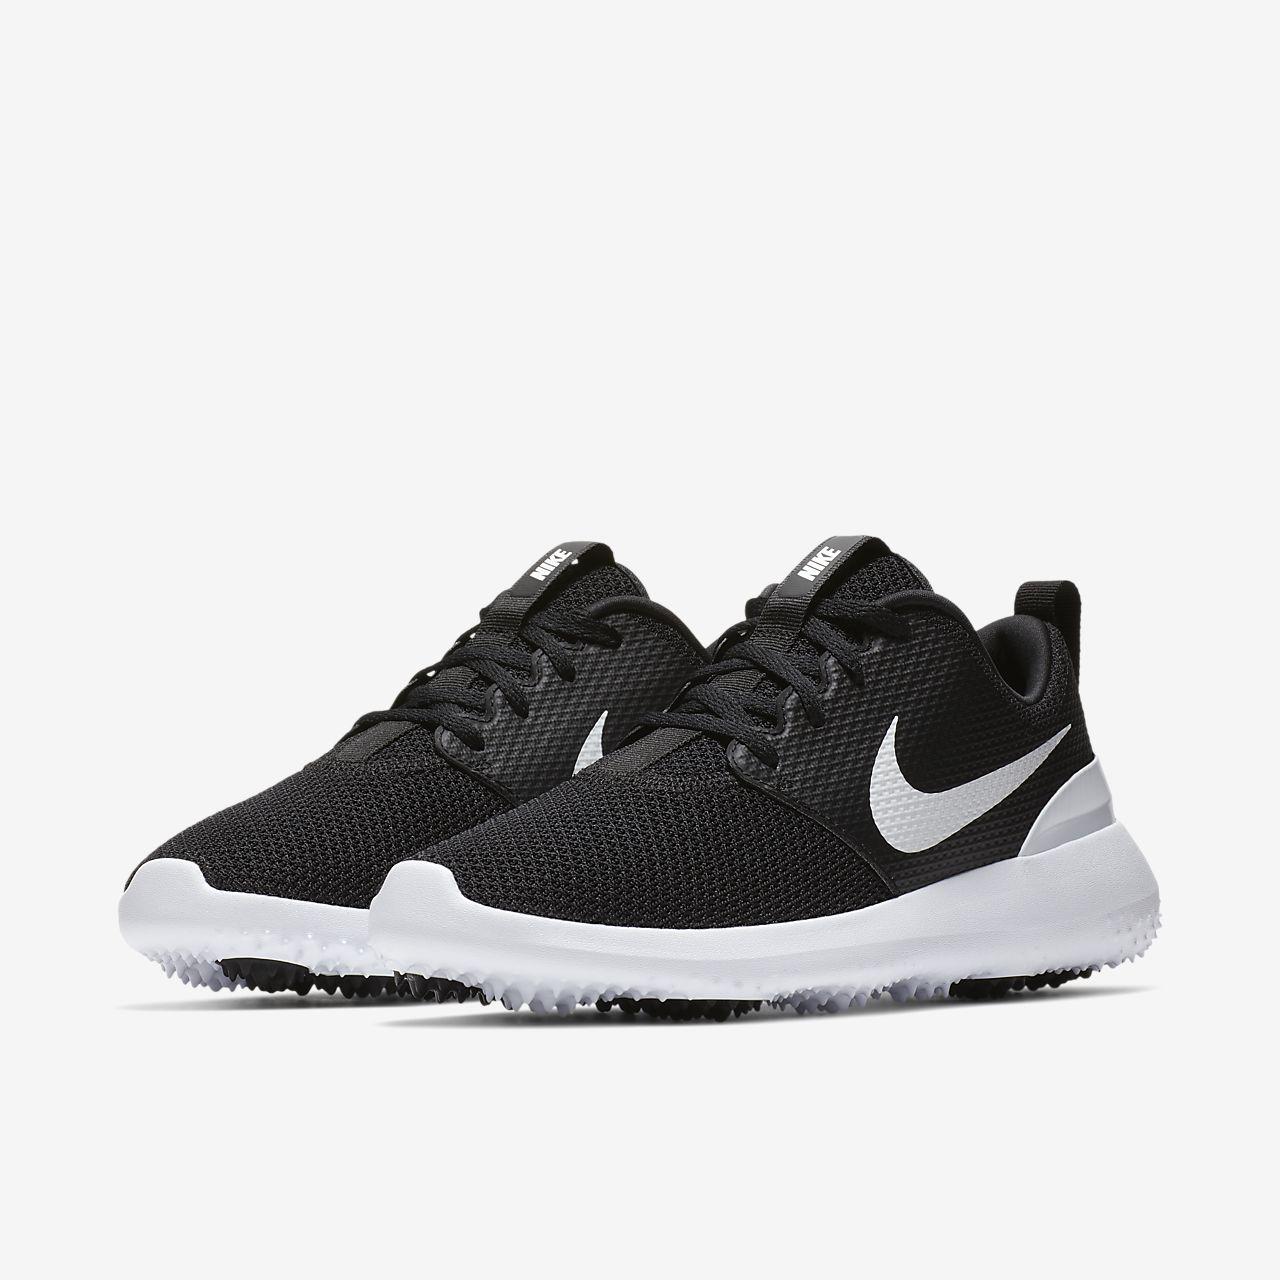 ... Chaussure de golf Nike Roshe G pour Femme